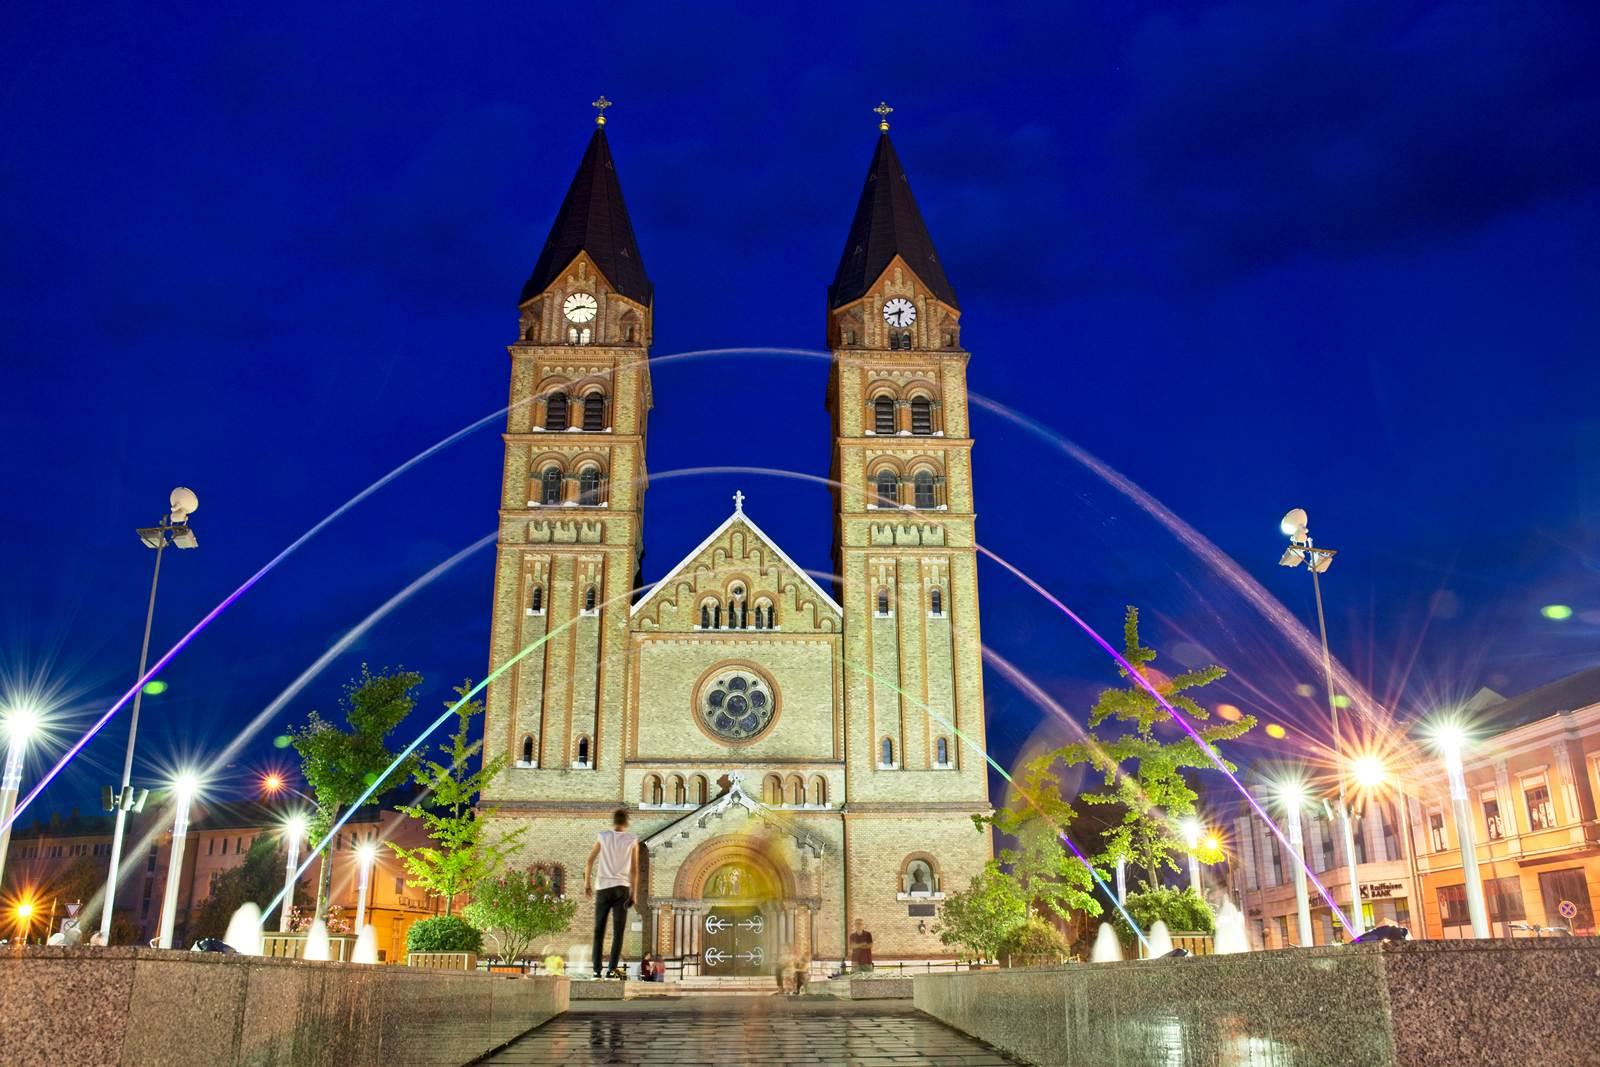 nyiregyhaza nocą kosciol z fontannami atrakcje turystyczne nyiregyhaza noclegi na węgrzech